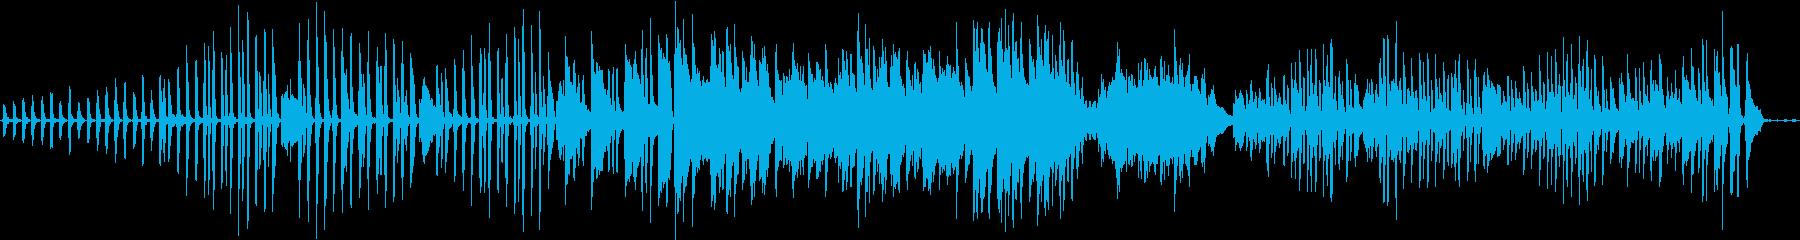 クラシックピアノ生演奏の再生済みの波形